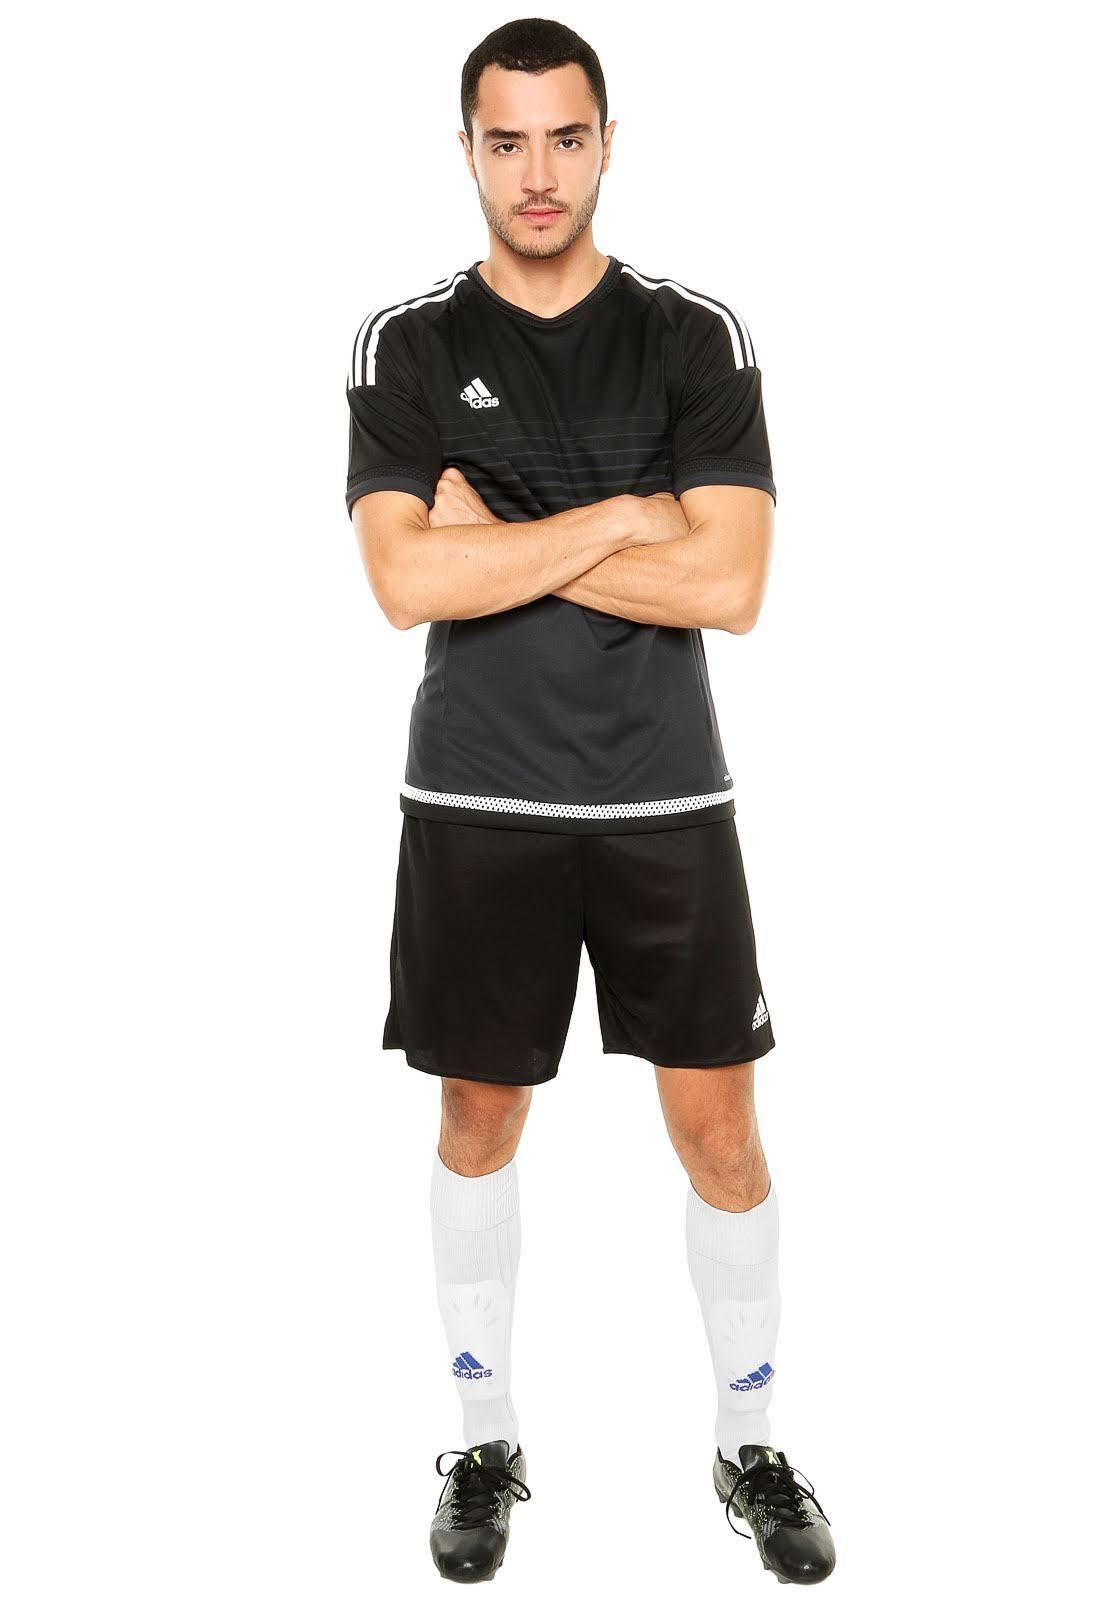 Parma Adidas Curtas Xl 16 Preto Calças fxxqwFdBH